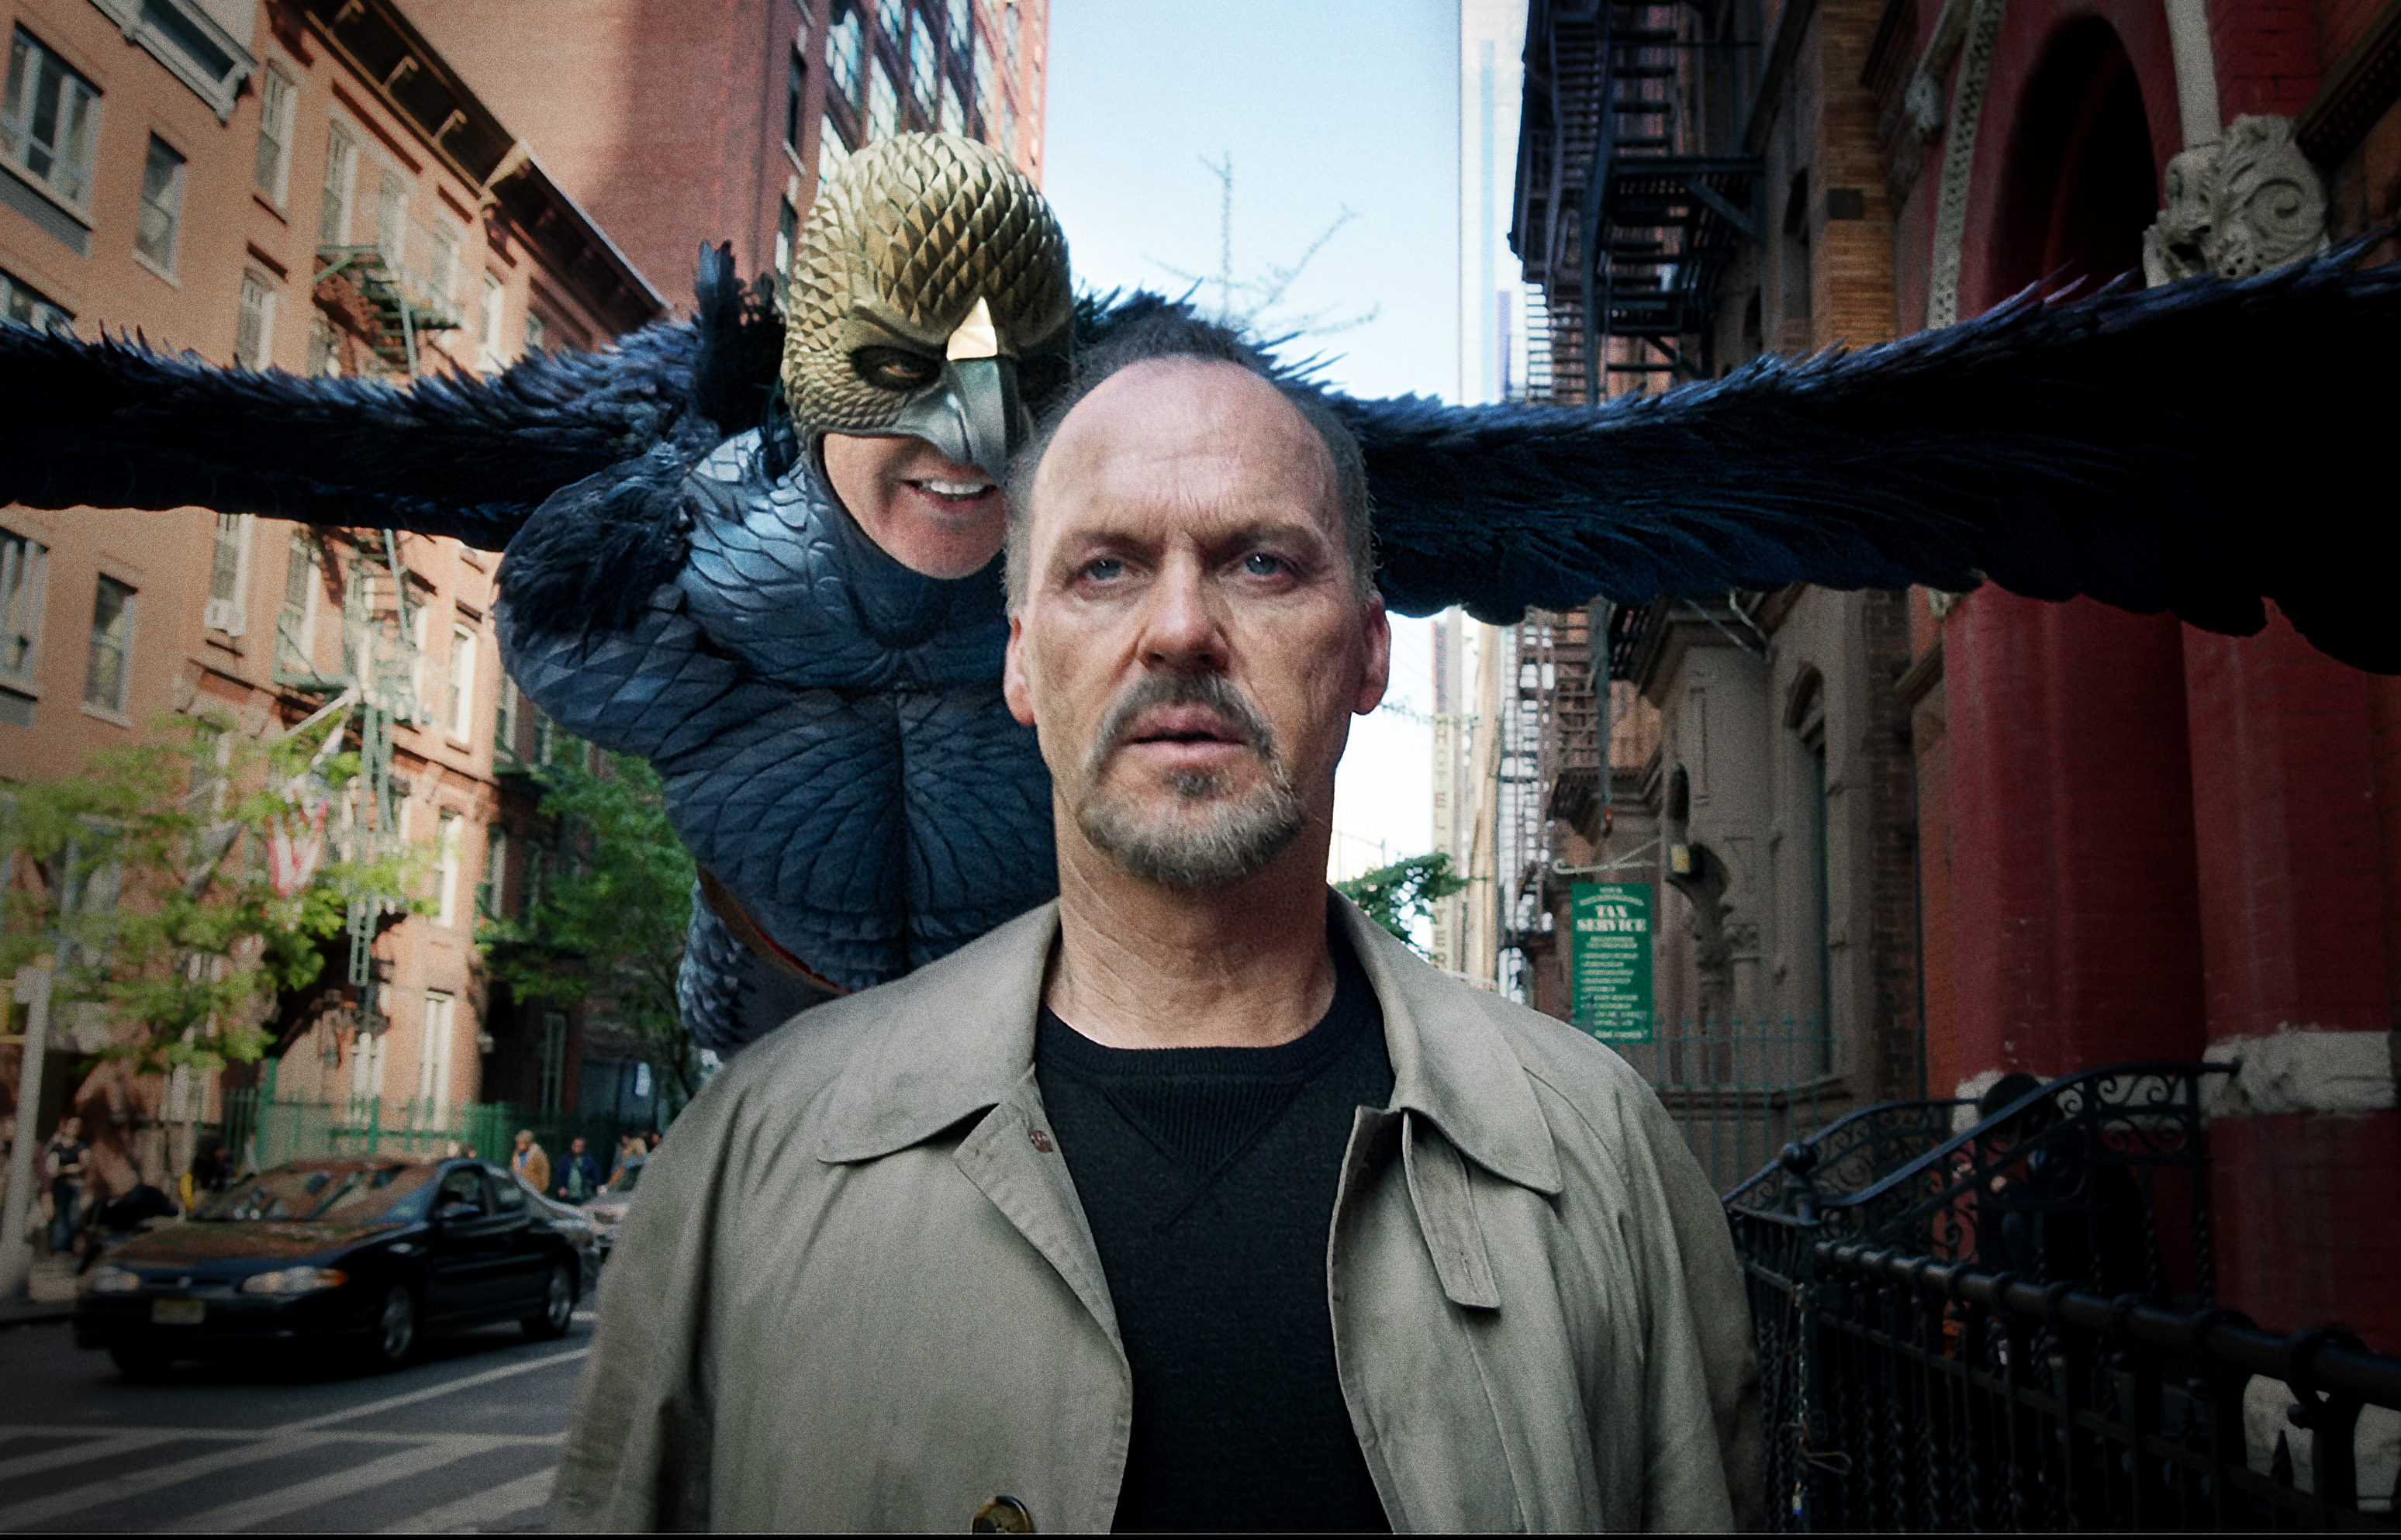 Cena do filme Birdman, com Michael Keaton